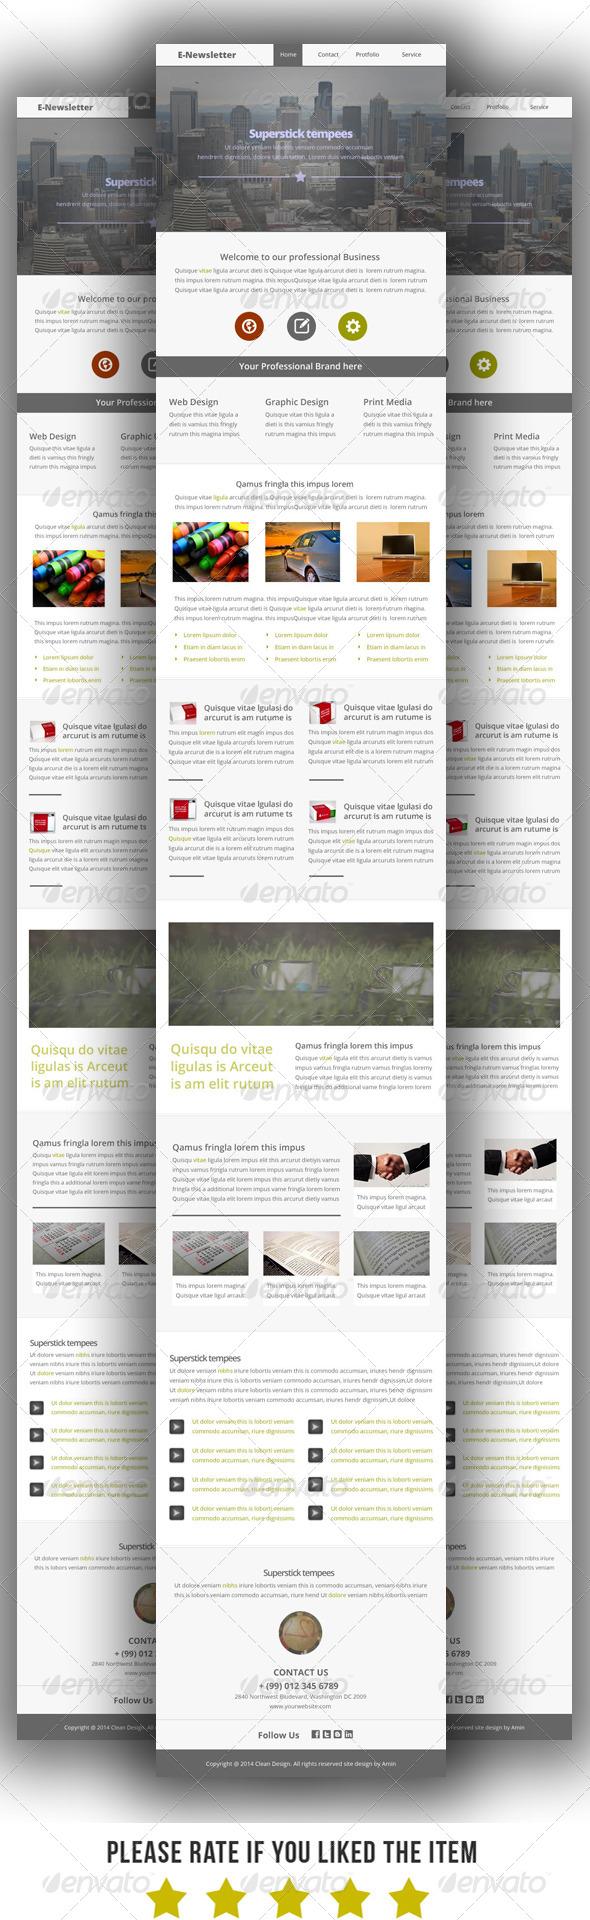 Multipurpose E-Newsletter Template V3